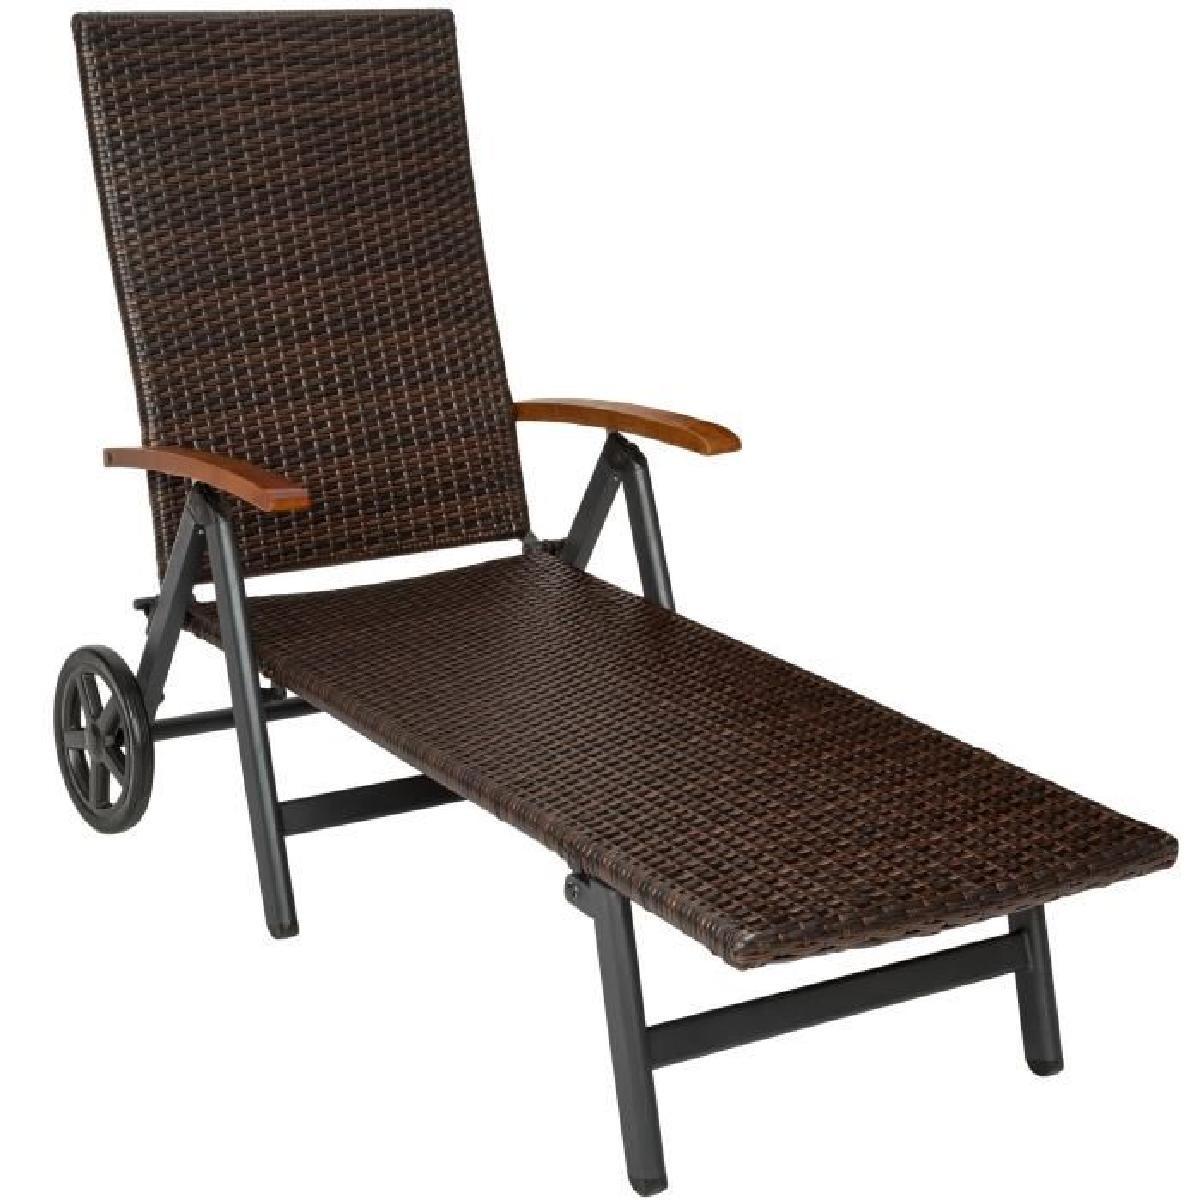 chaise longue bain de soleil transat de jardin pliante r glable en aluminium et r sine tress e